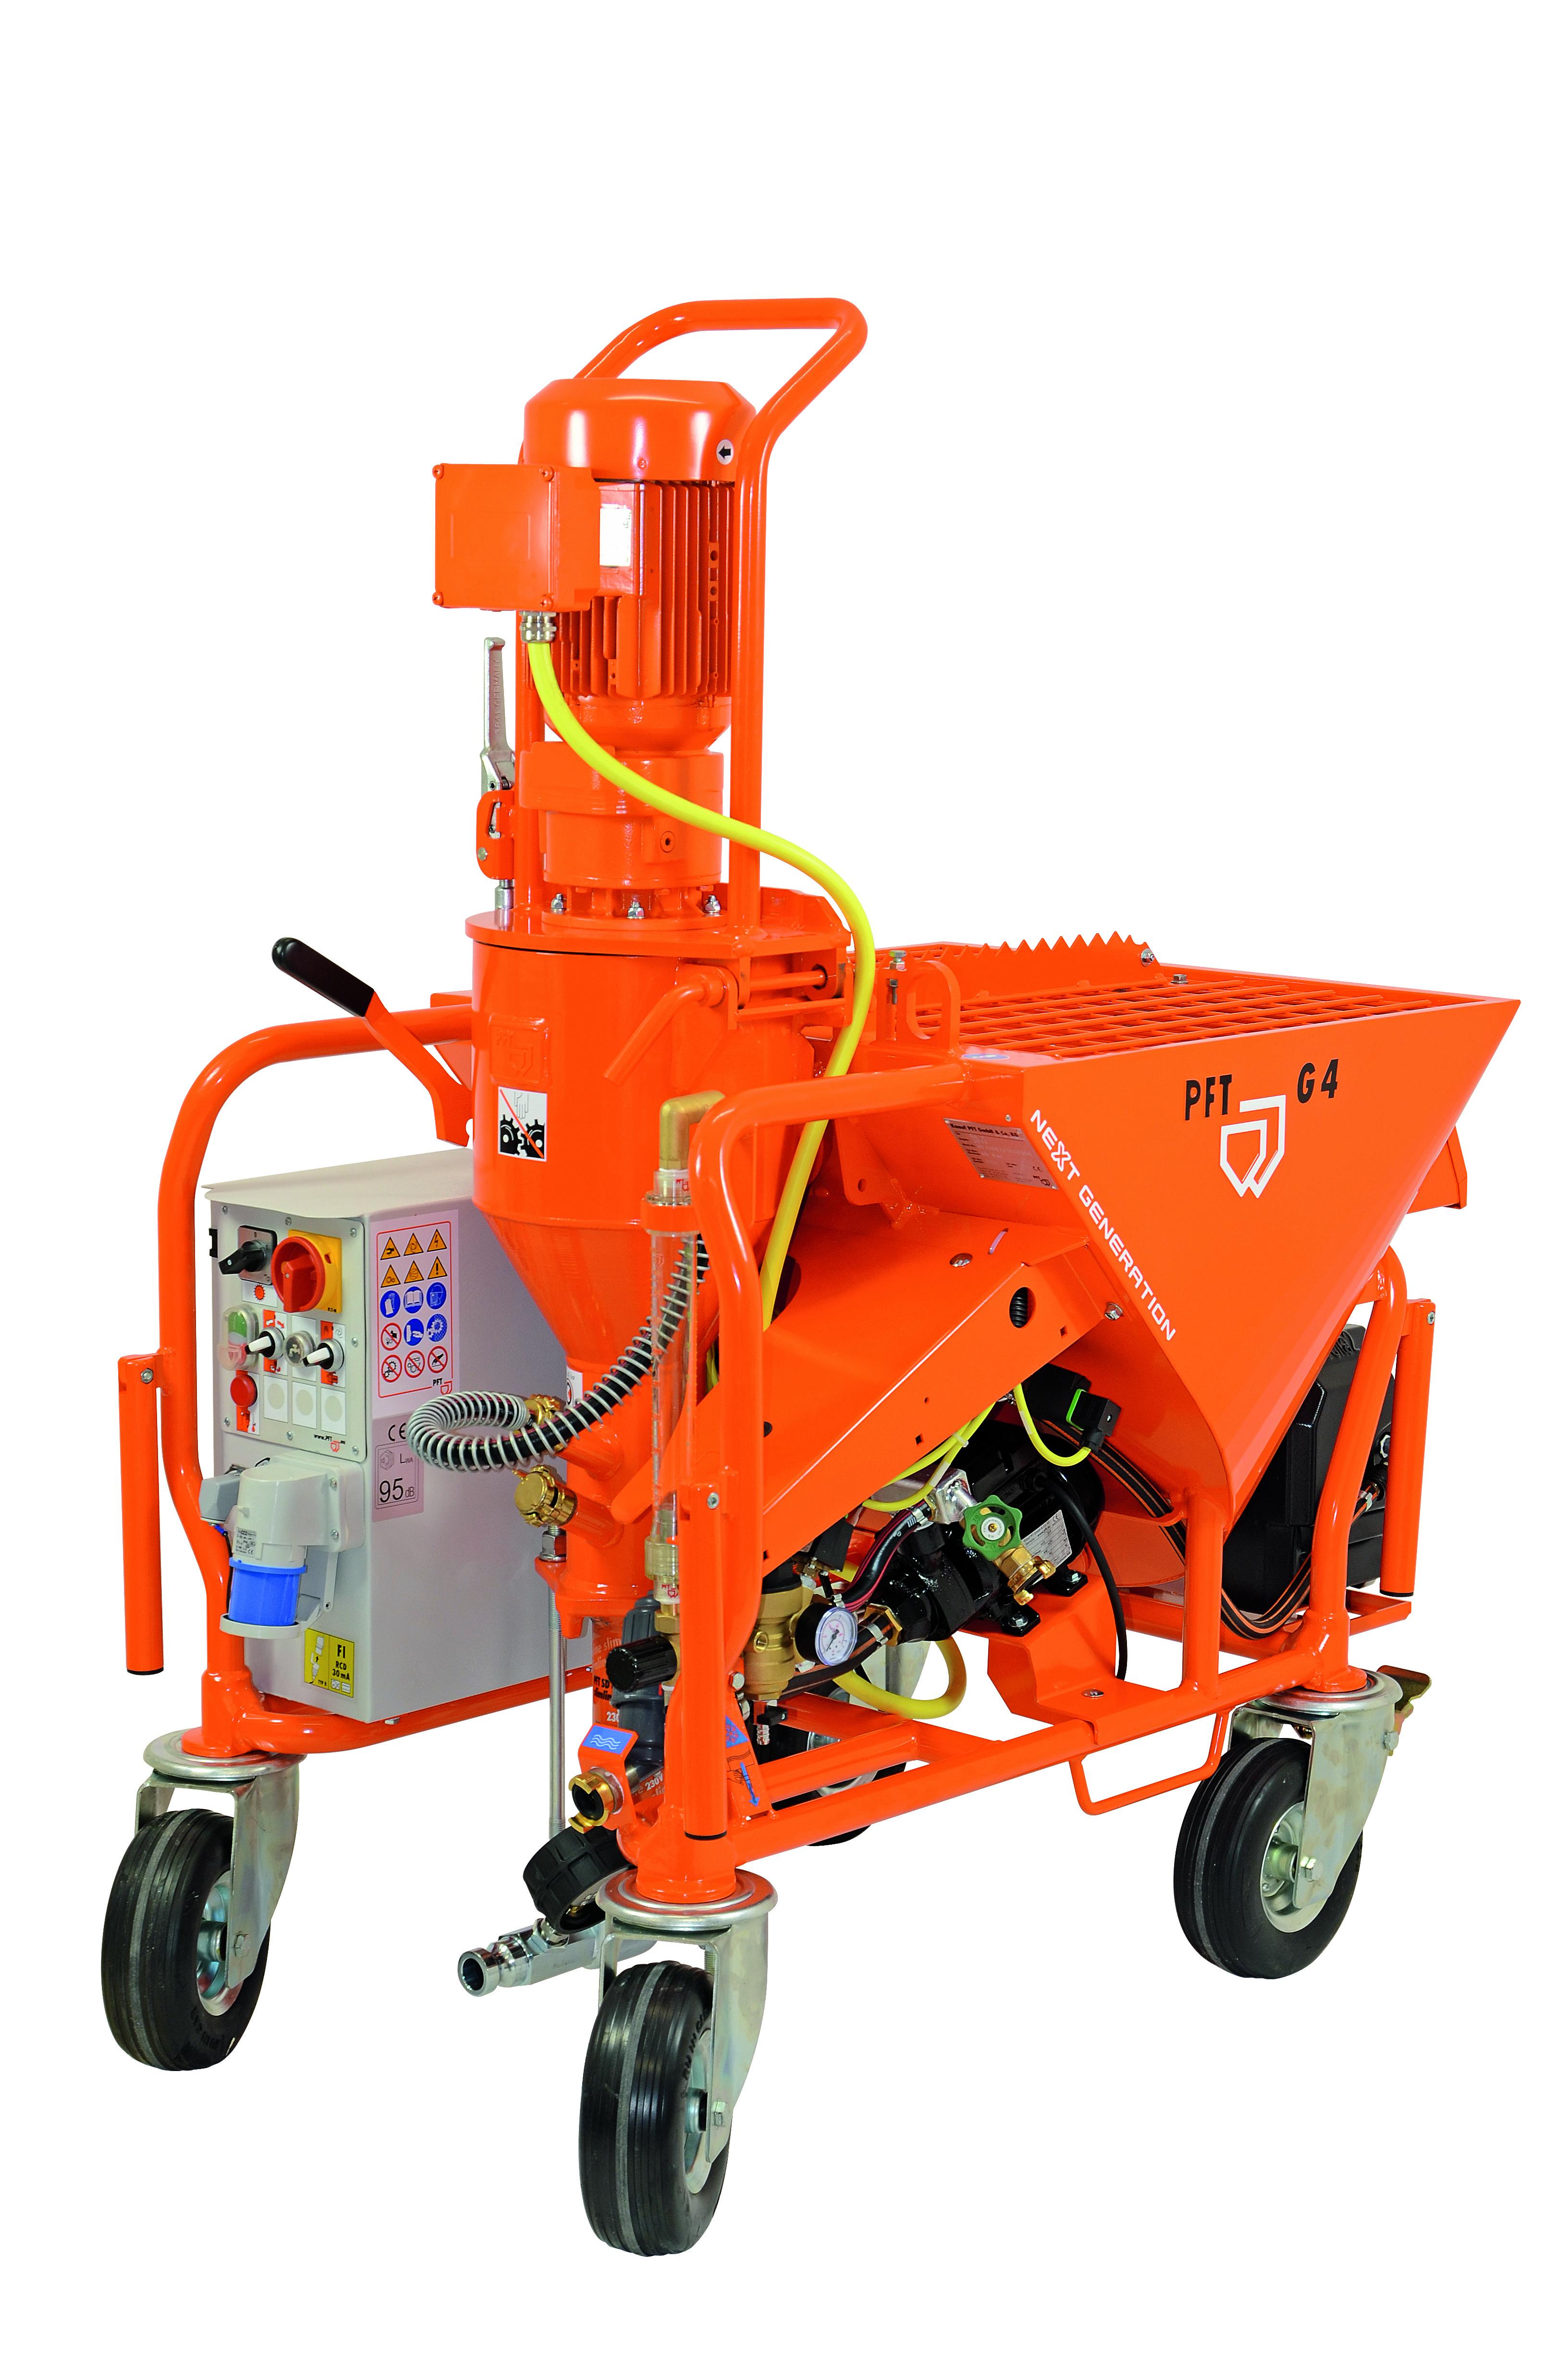 Stroj za žbukanje G4 smart next generation s pumpom za povećanje tlaka, PFT